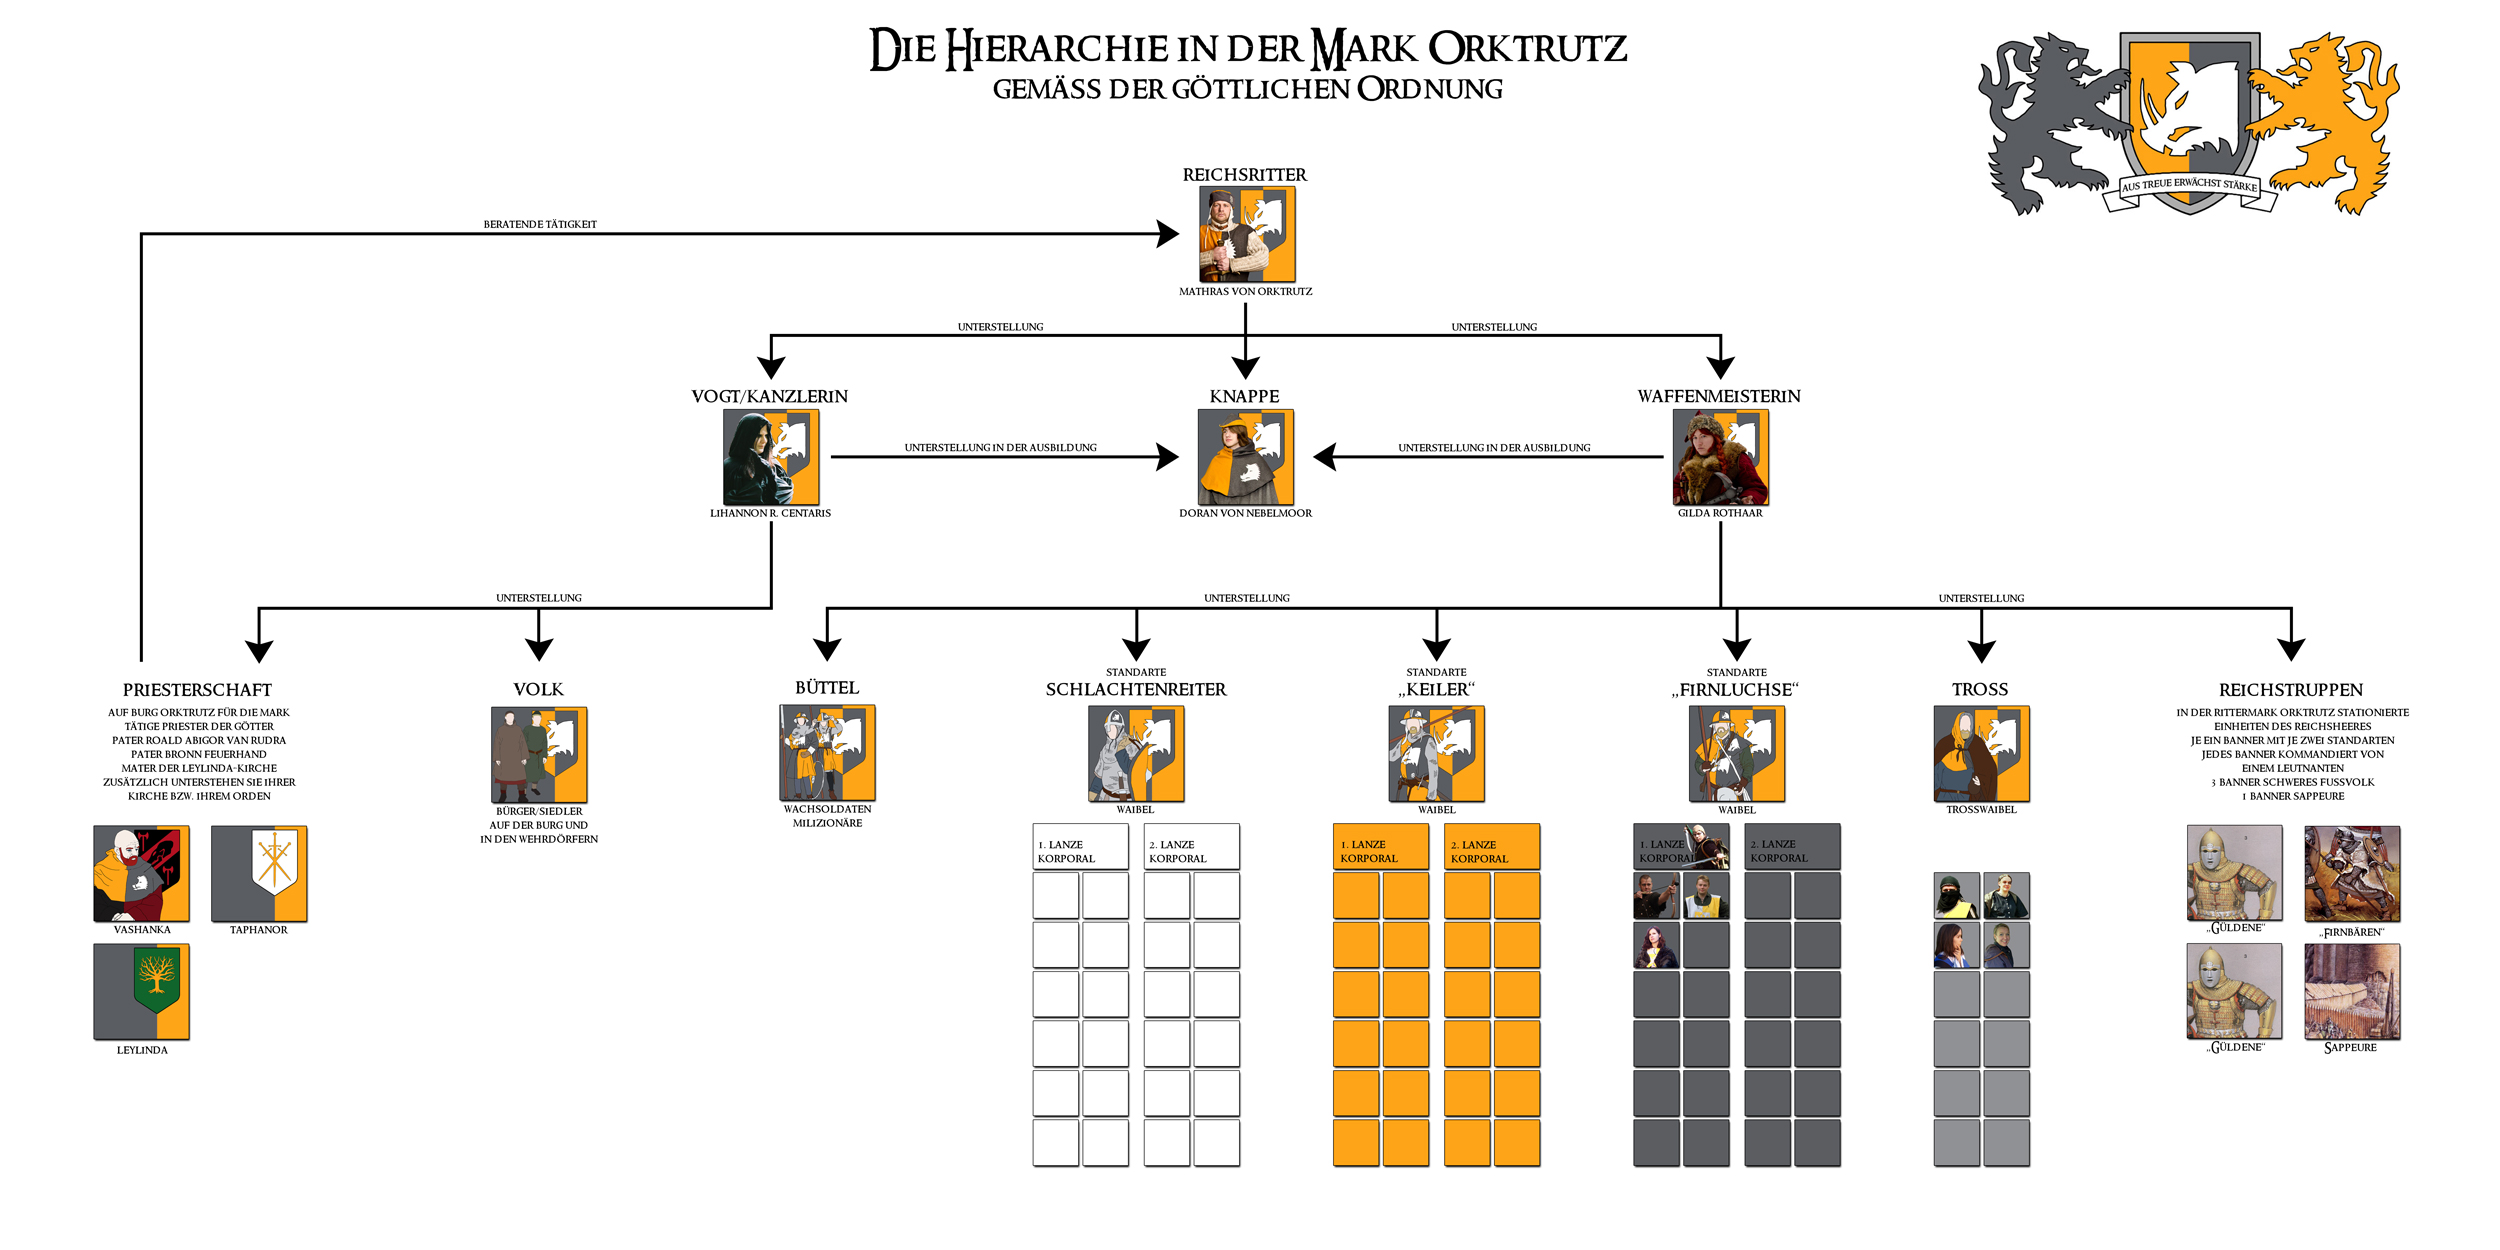 2015-01-02_larp_orktrutz_hierarchie_00